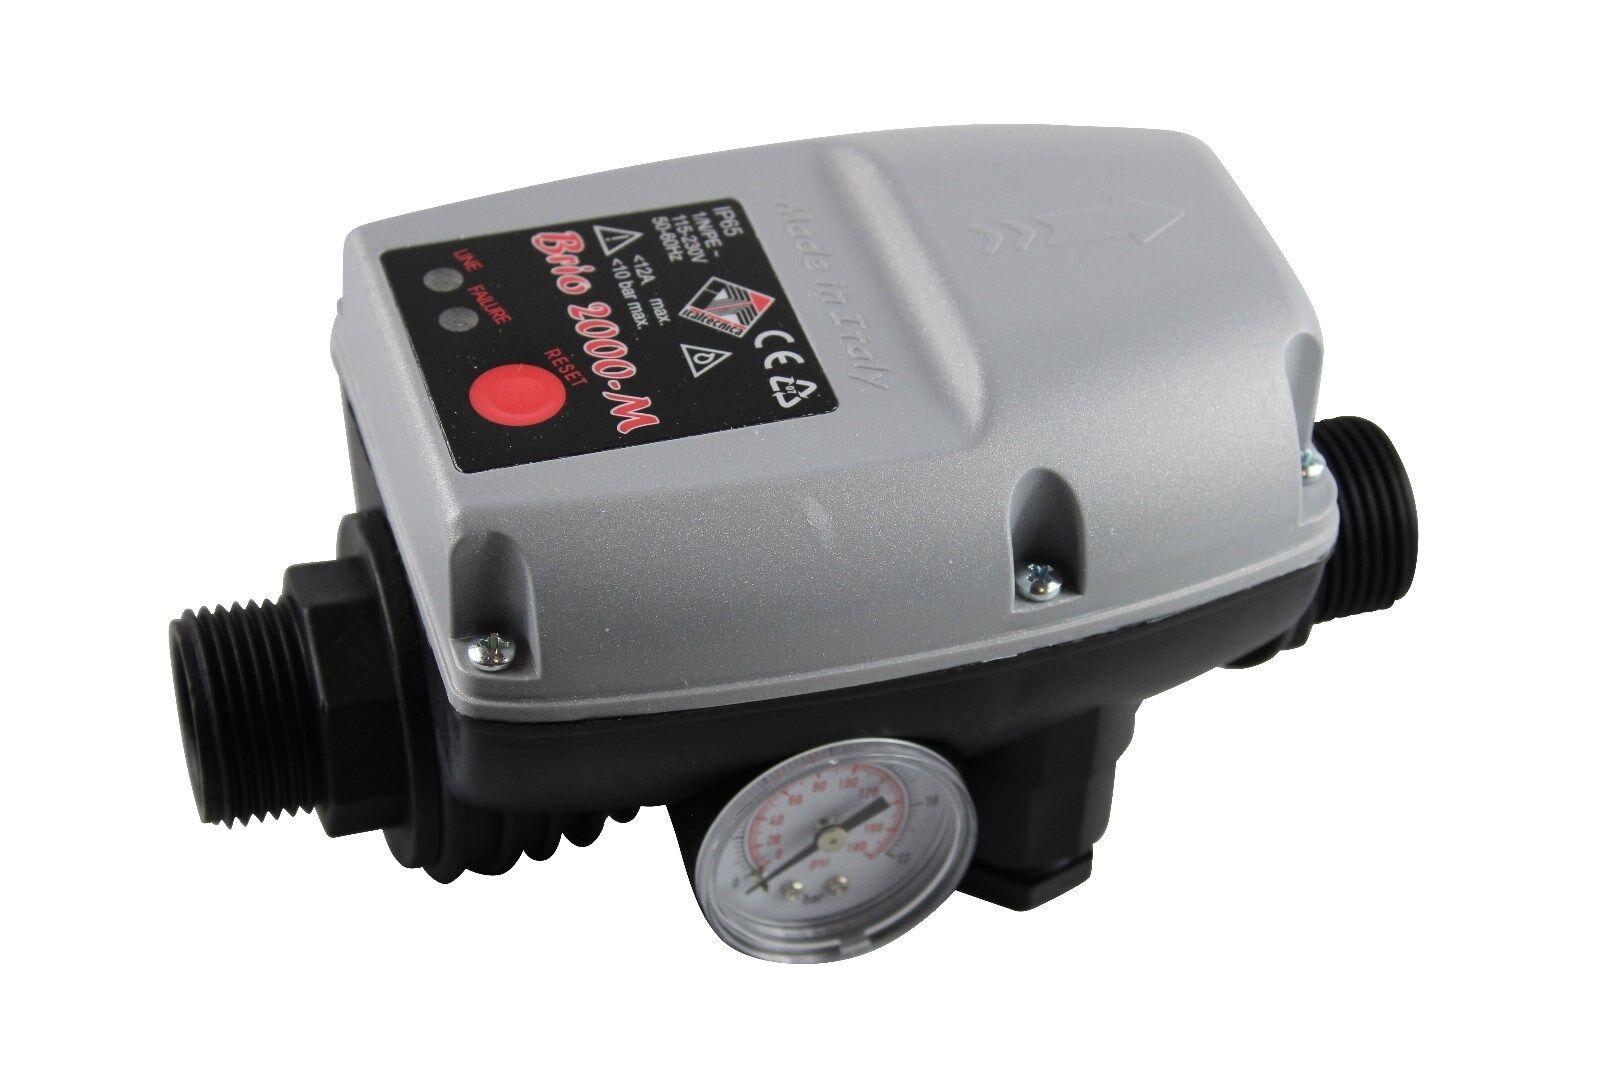 Italtecnica Brio 2000m (manómetro) bombas de control electrónico de interruptor de presión